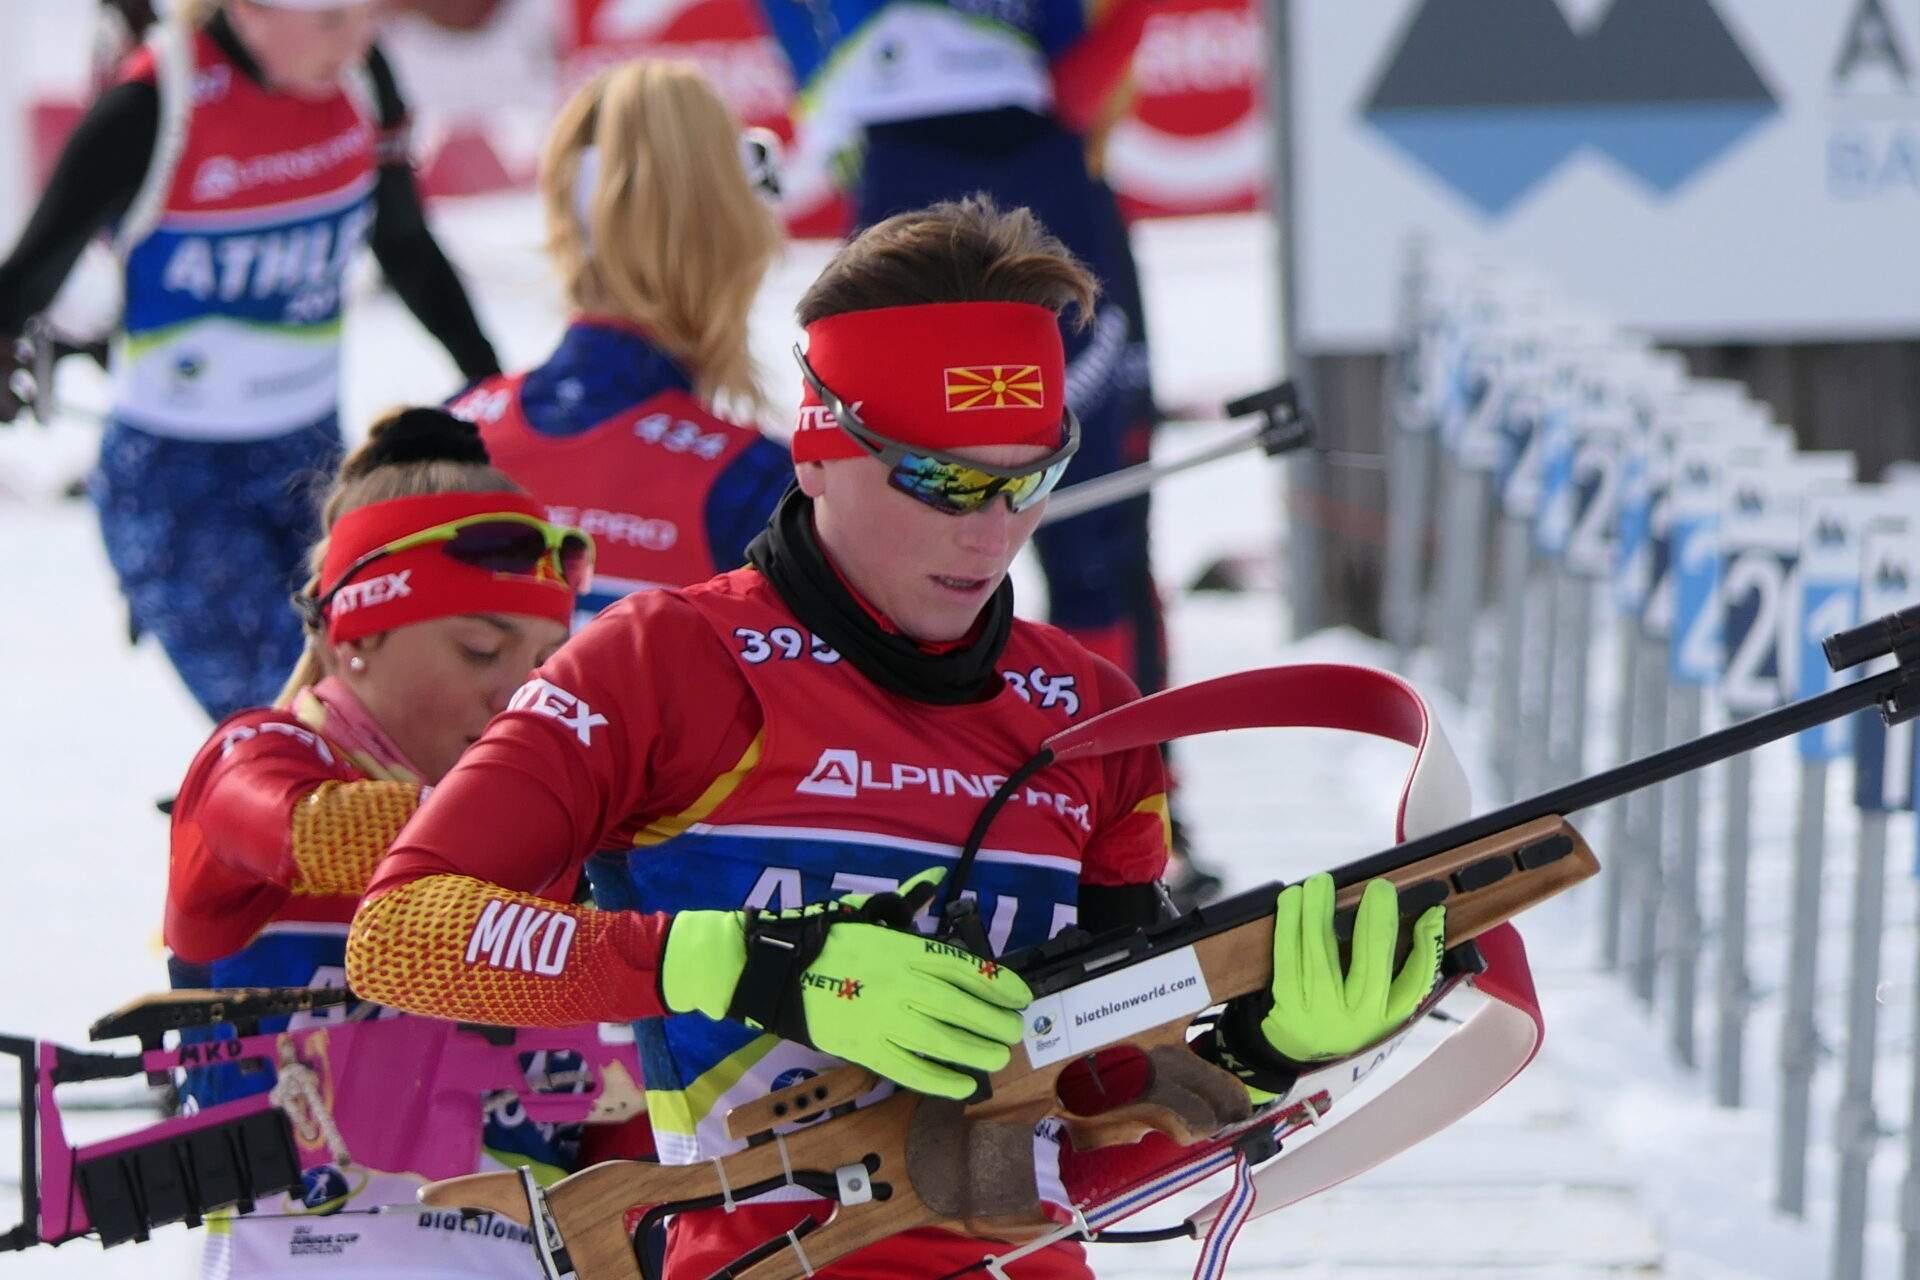 Trotz großer Anstrengung kein Podestplatz für Skiverband